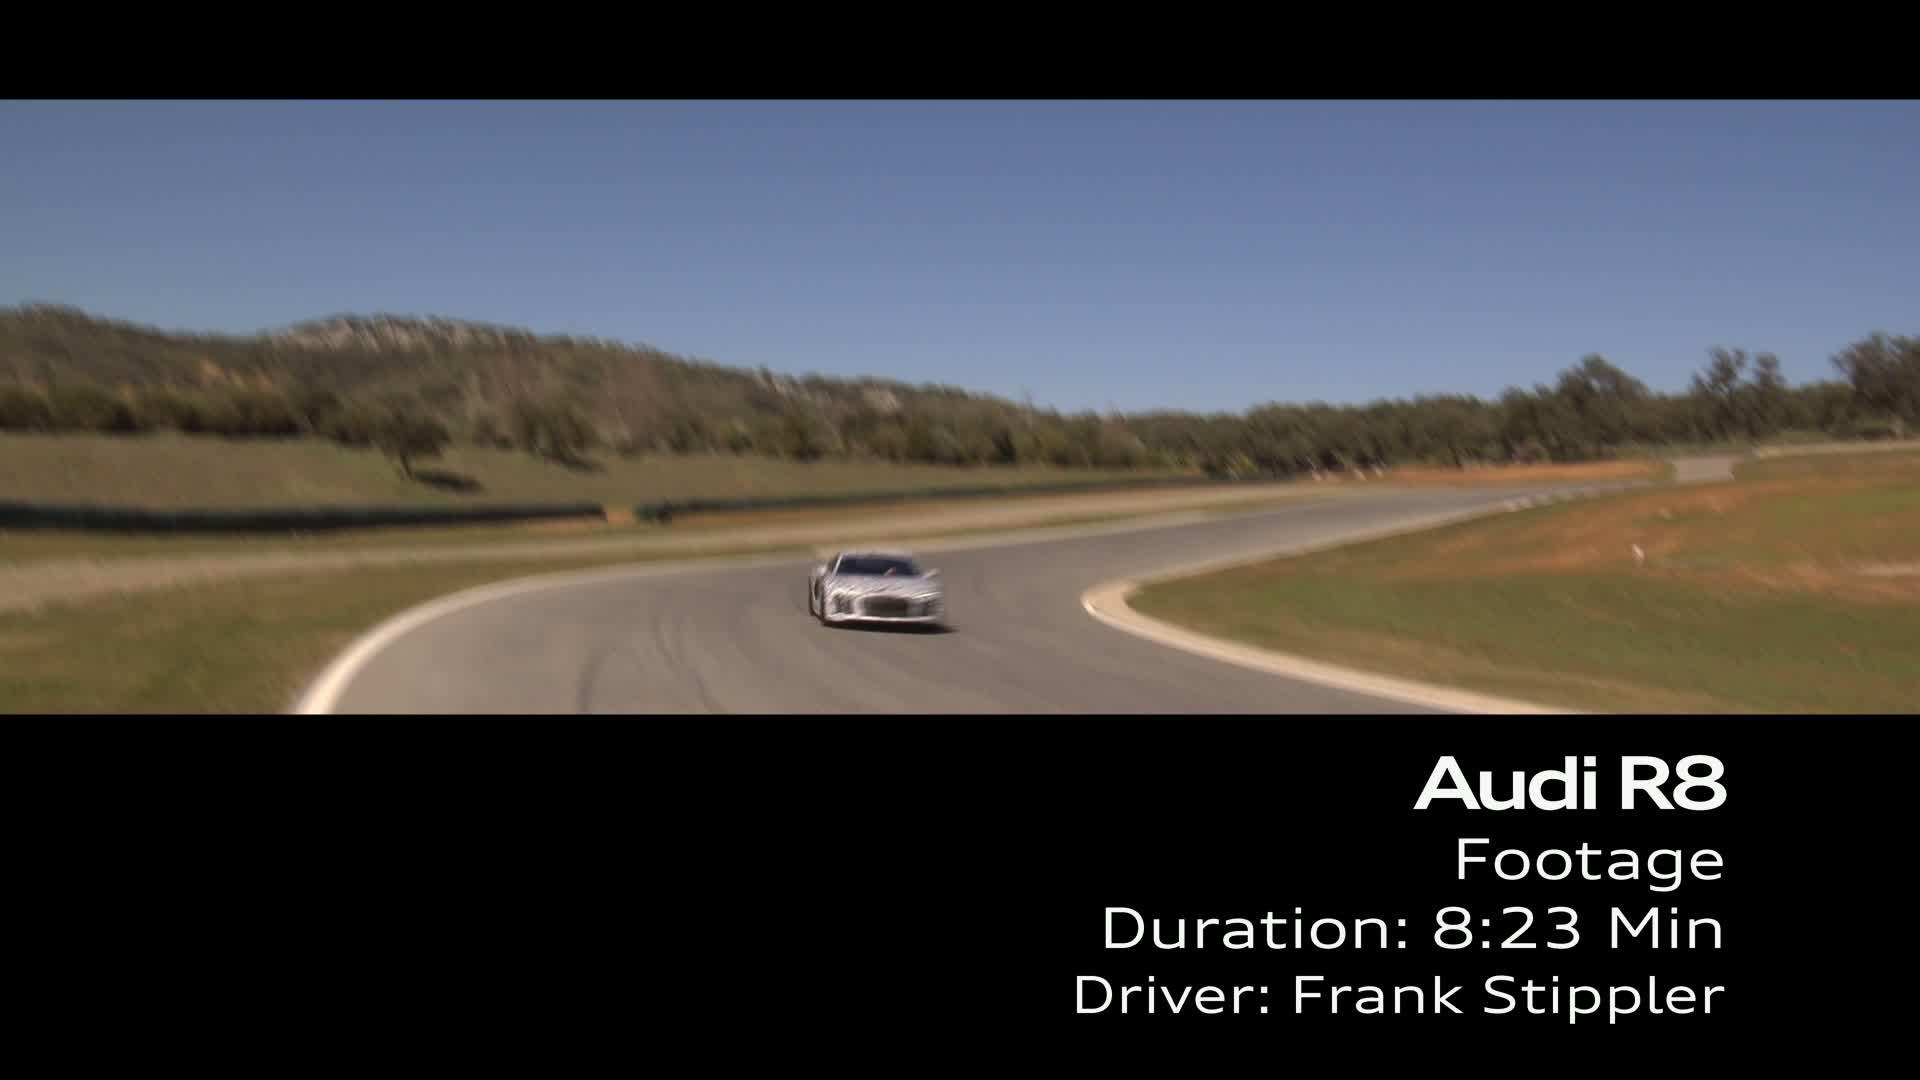 Audi R8 Prototypenfahrt - Footage